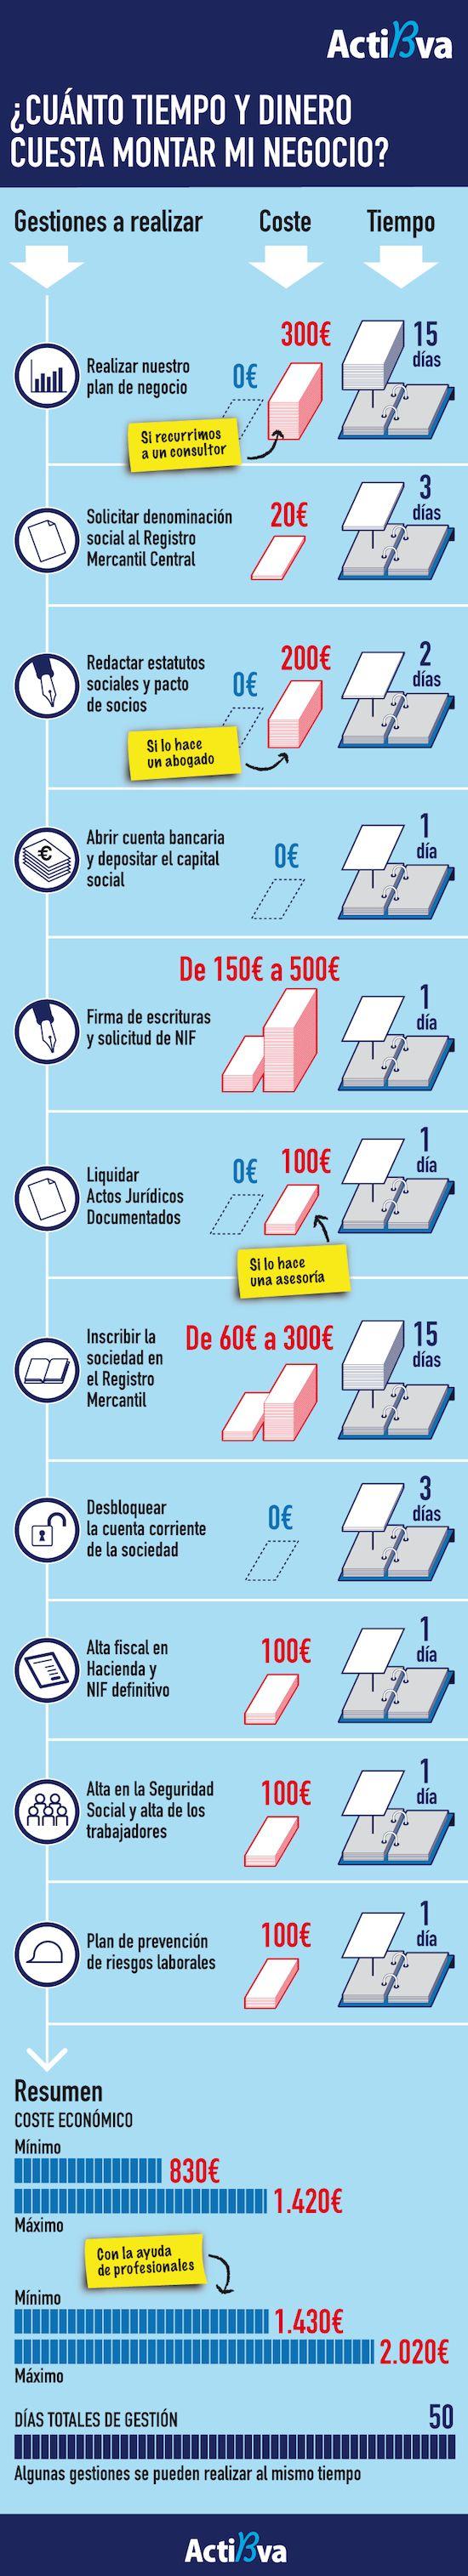 ¿Cuánto tiempo y dinero cuesta montar mi empresa? #infografia #infographic #entrepreneurship